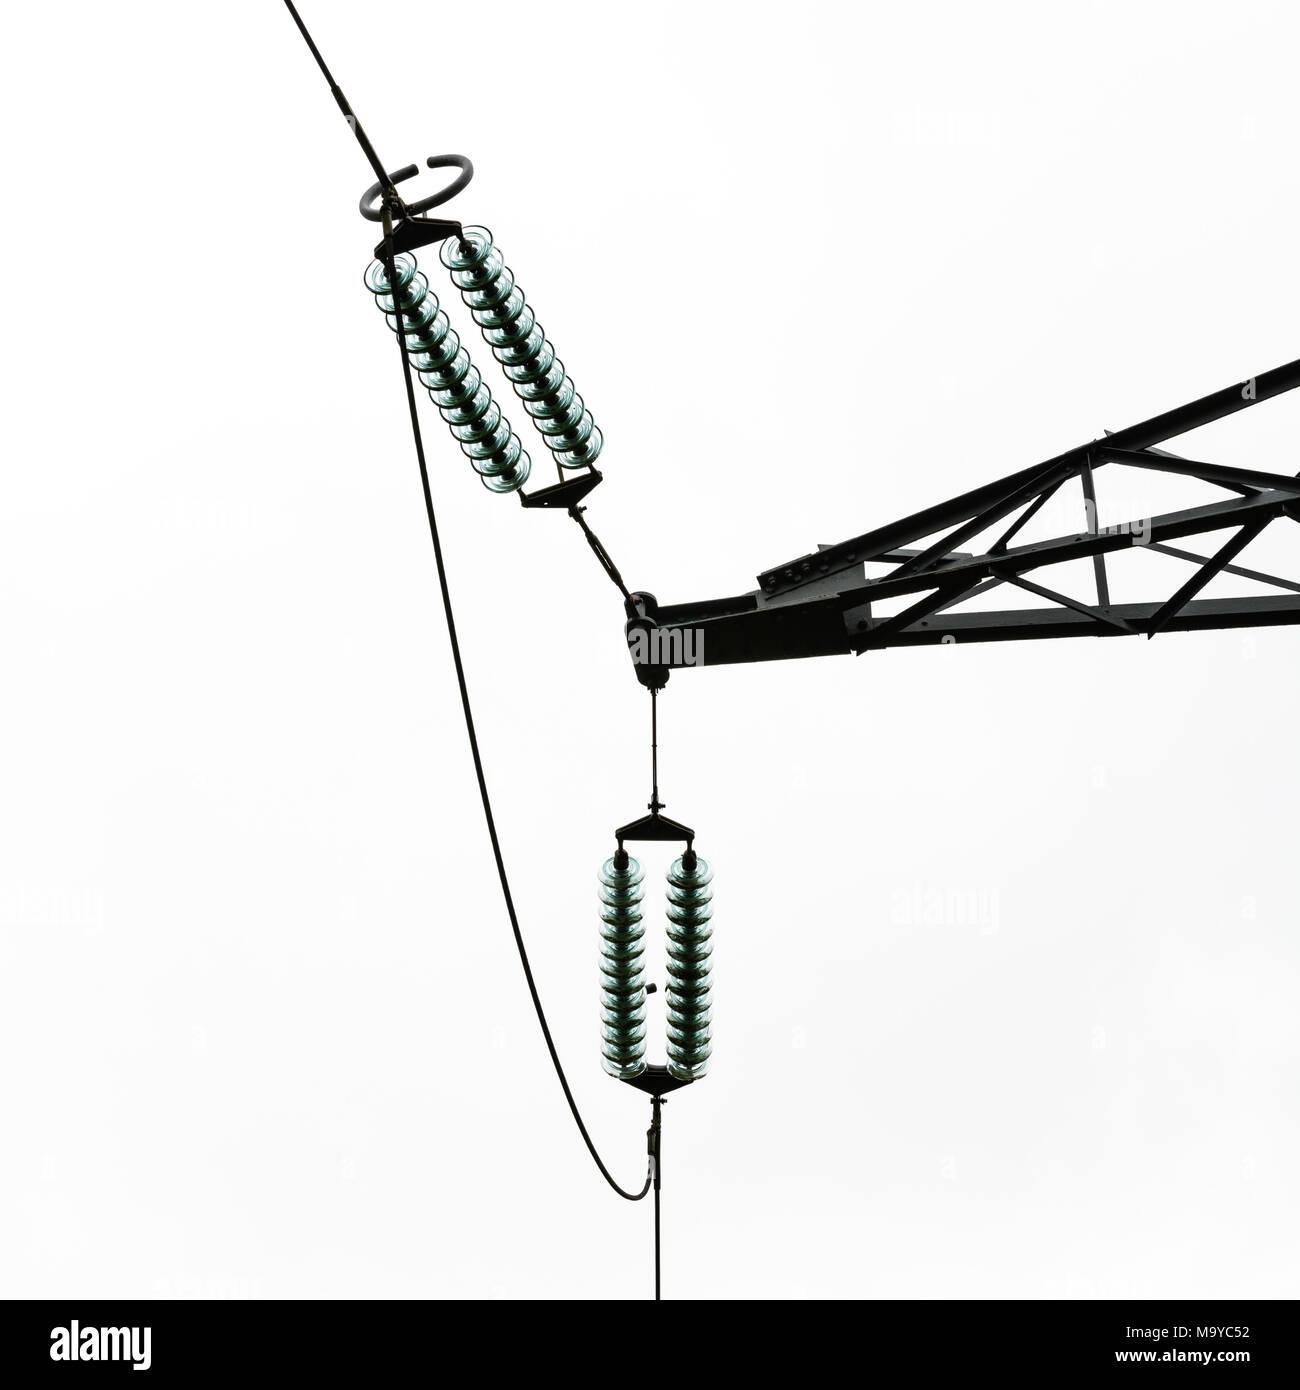 freistehendes klingelkabel stockfotos & freistehendes klingelkabel